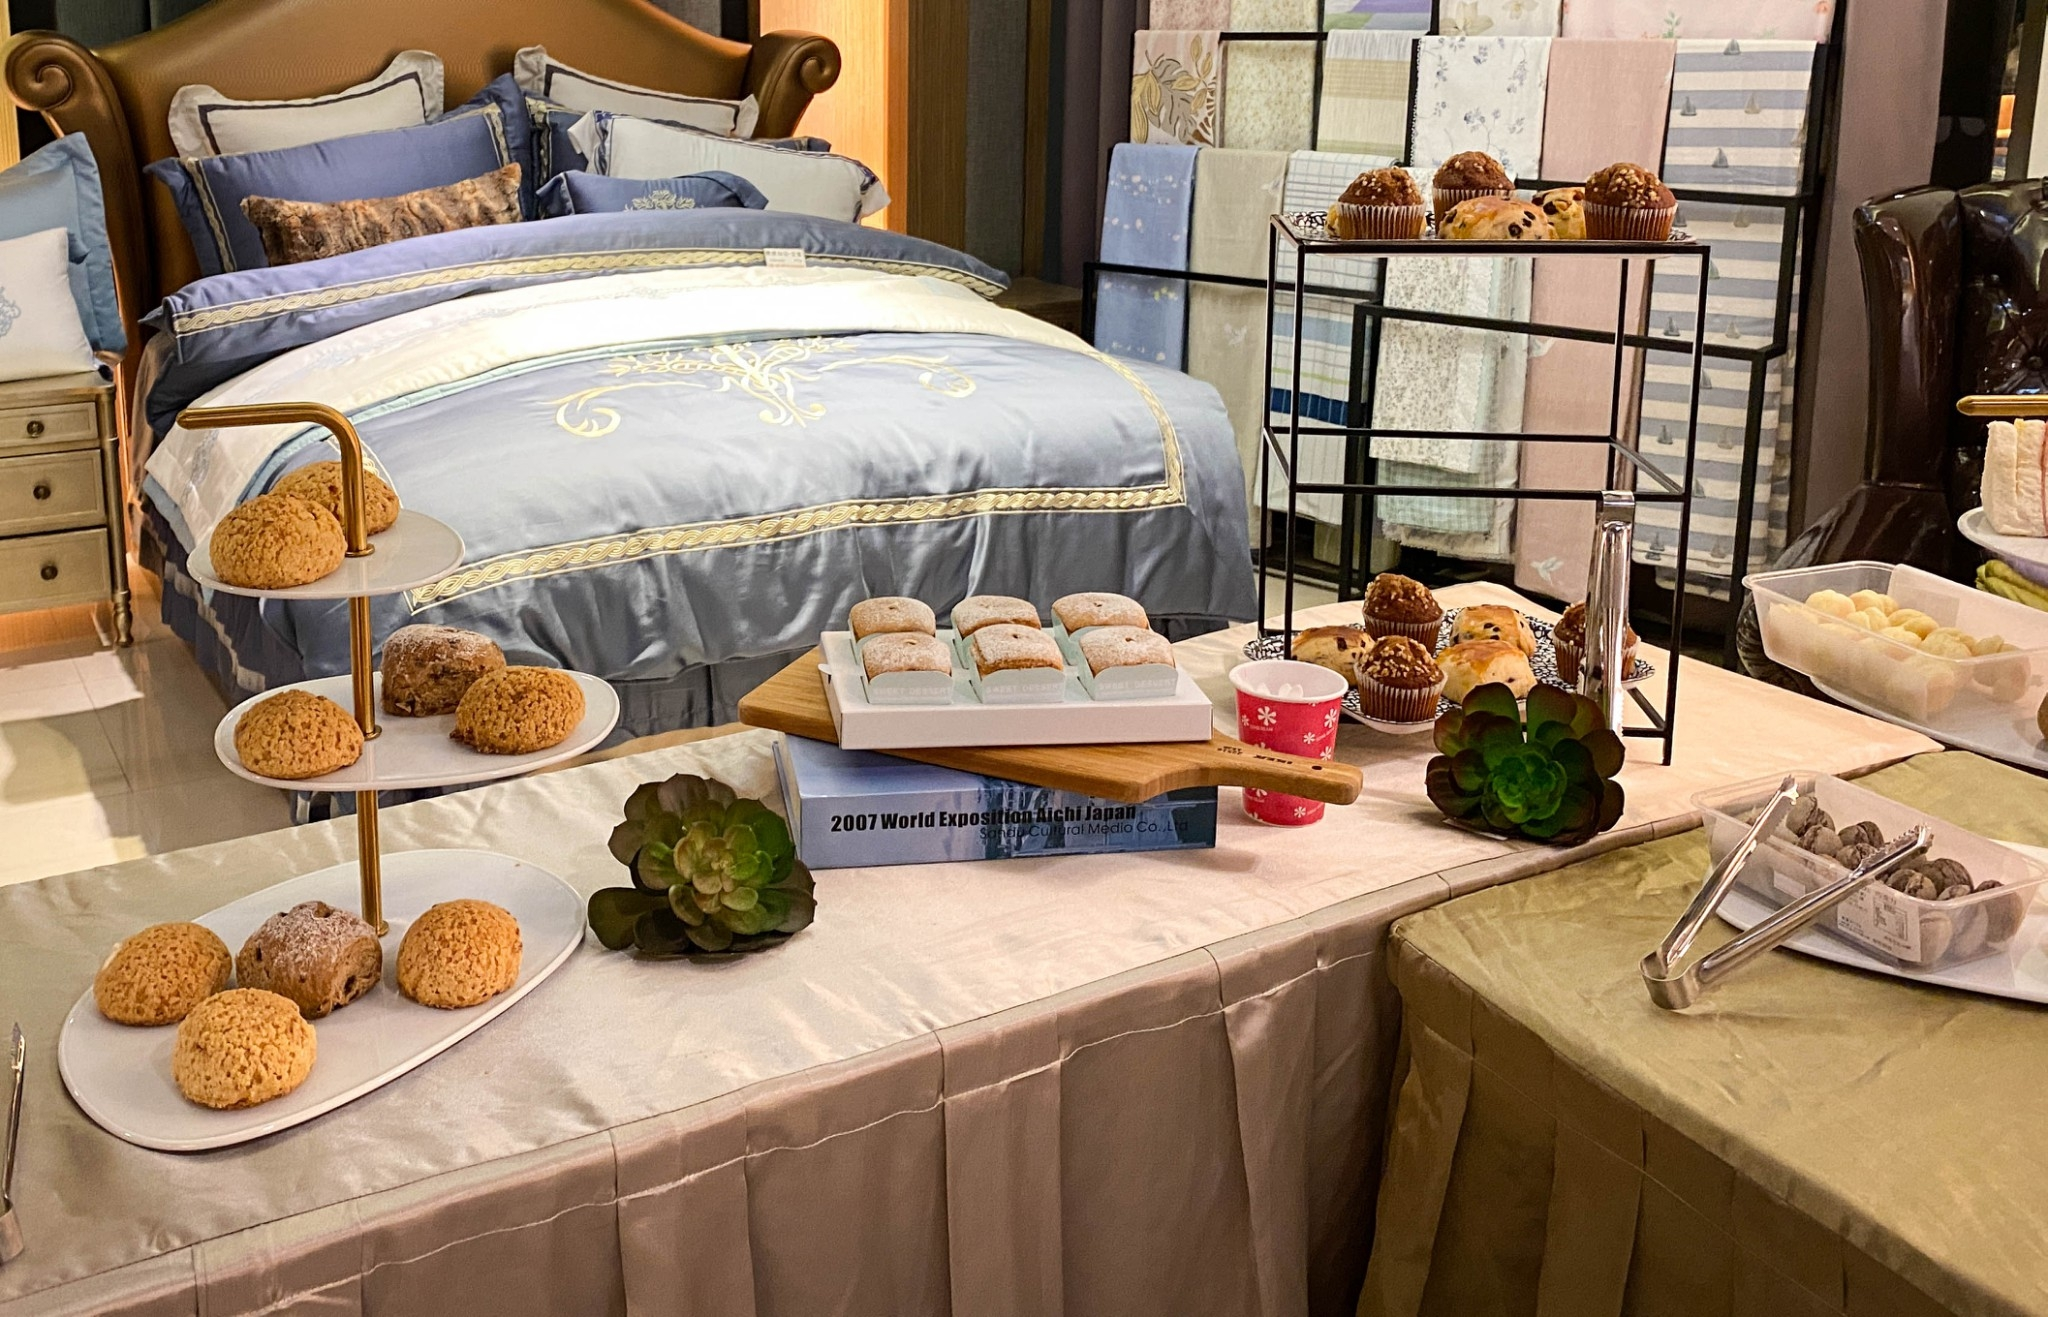 上品寢具VIP慶生& 芳療SPA天后葉朱鶯老師「好味道睡神到」專題分享會 -